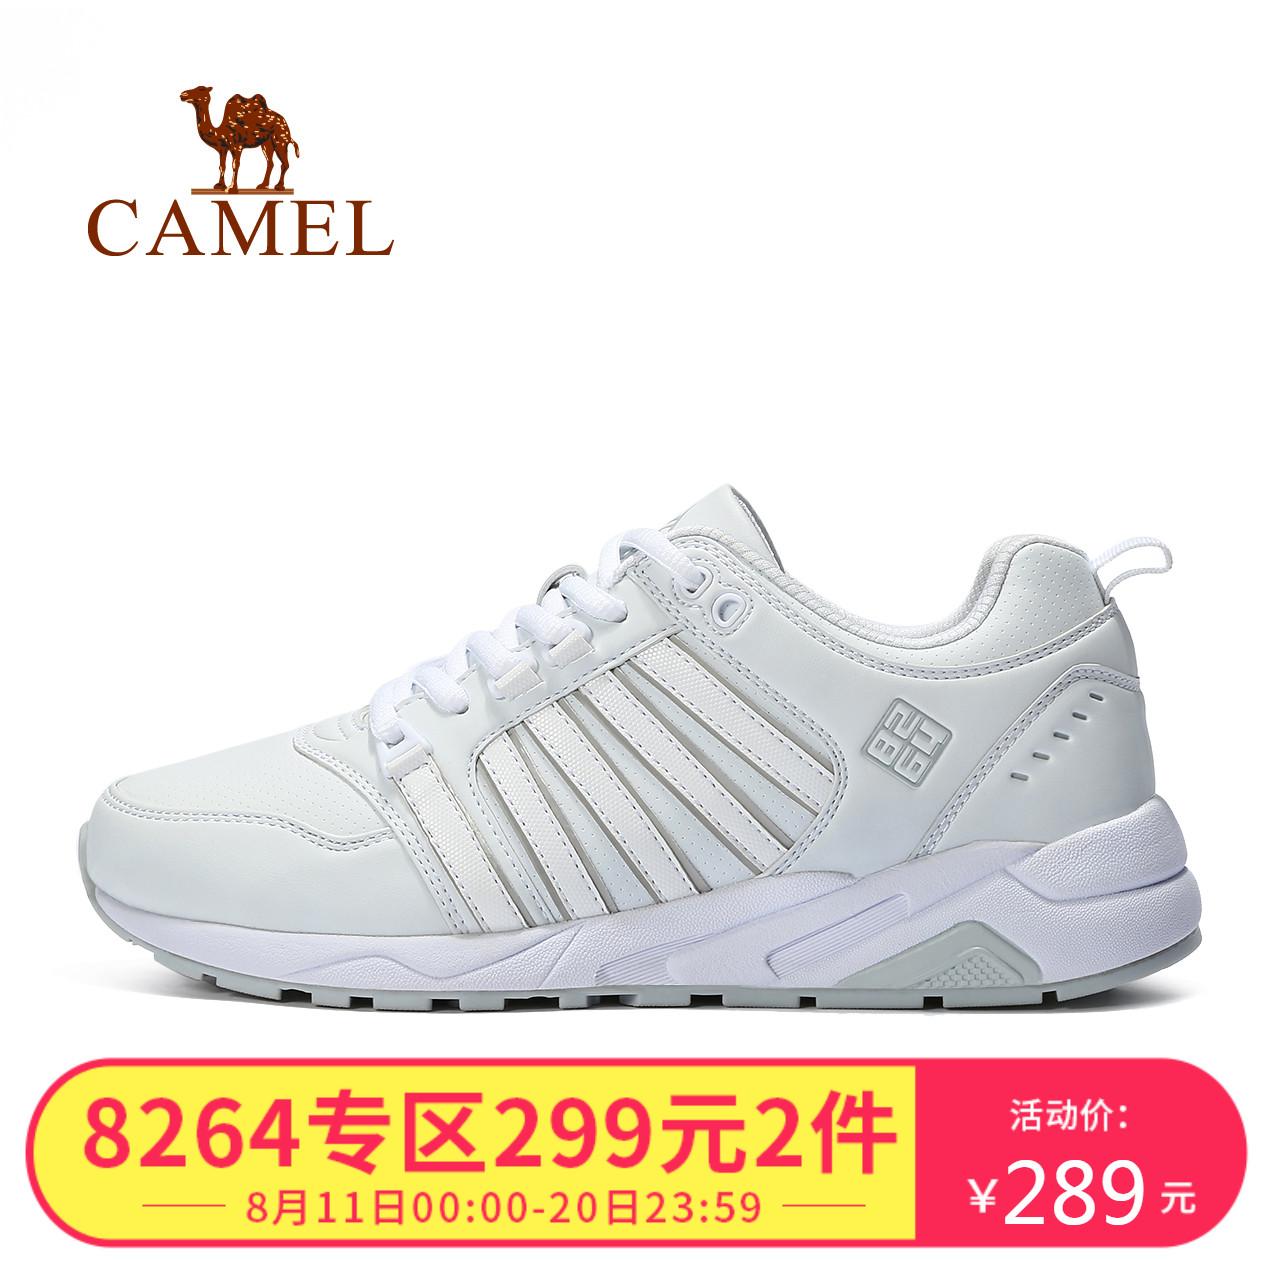 【清仓特惠】骆驼&8264系列 男女透气耐磨运动越野跑鞋男休闲鞋